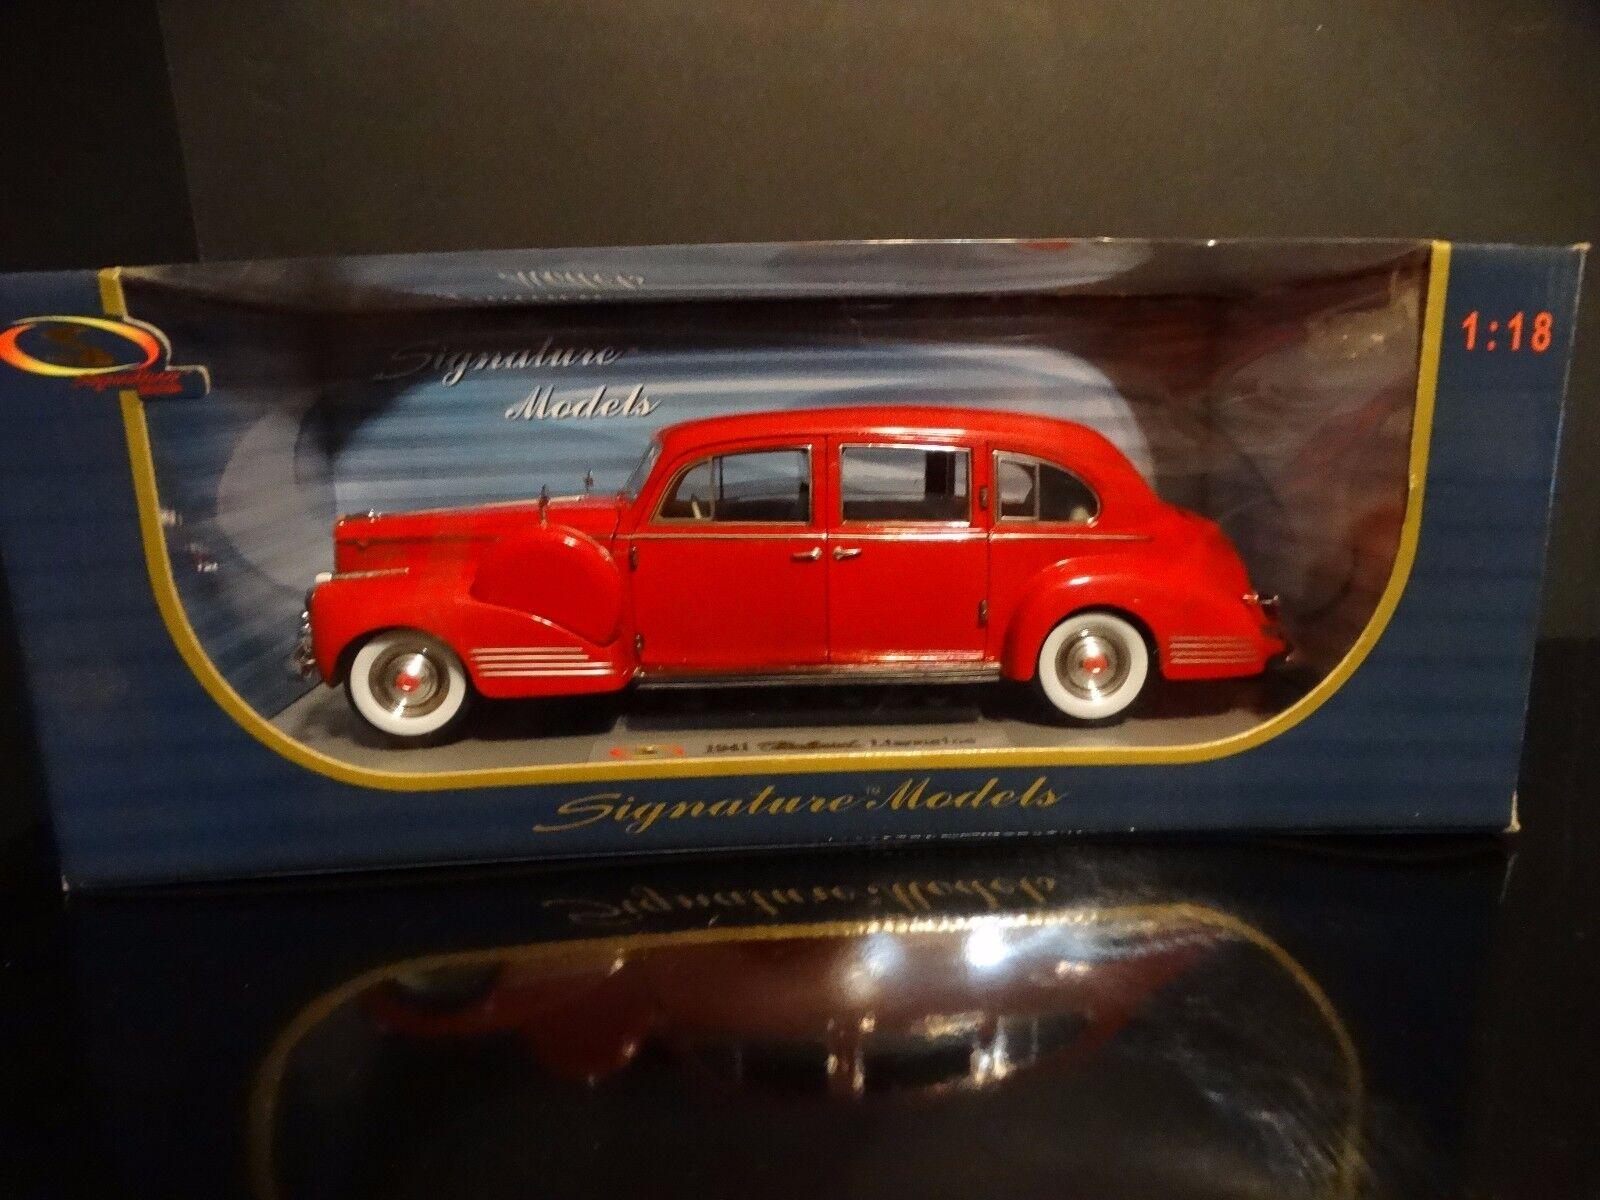 Firma  1941, Packard 180 lebalon limusina 1  18, moldeado rojo ¡Firma  1941, Packard 180 lebalon limusina 1  18, moldeado rojo Coche pequeño